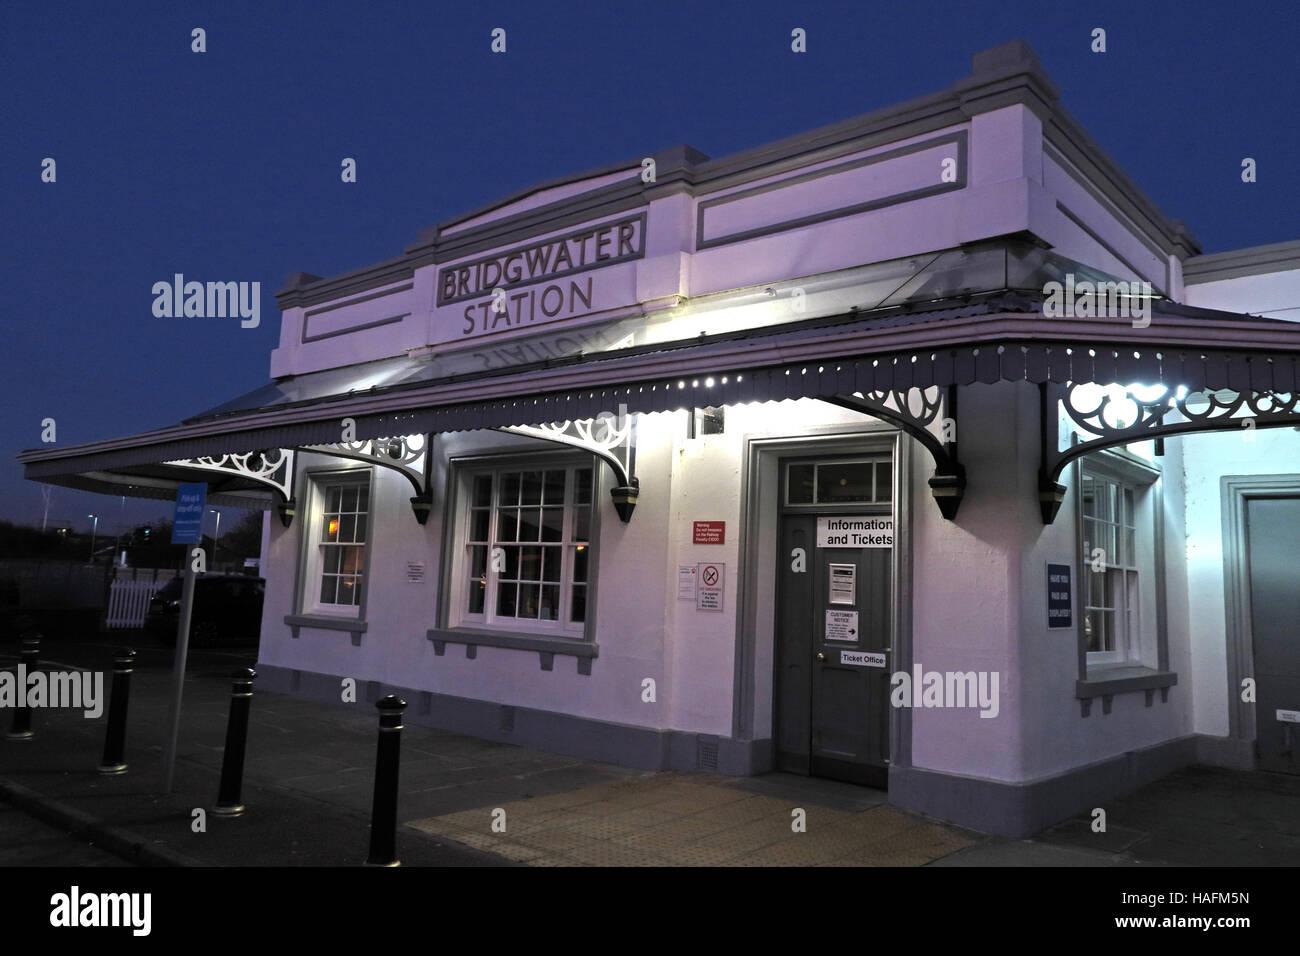 Laden Sie dieses Alamy Stockfoto Bridgwater Bahnhof in der Abenddämmerung, GWR, Somerset, SW England, UK - HAFM5N